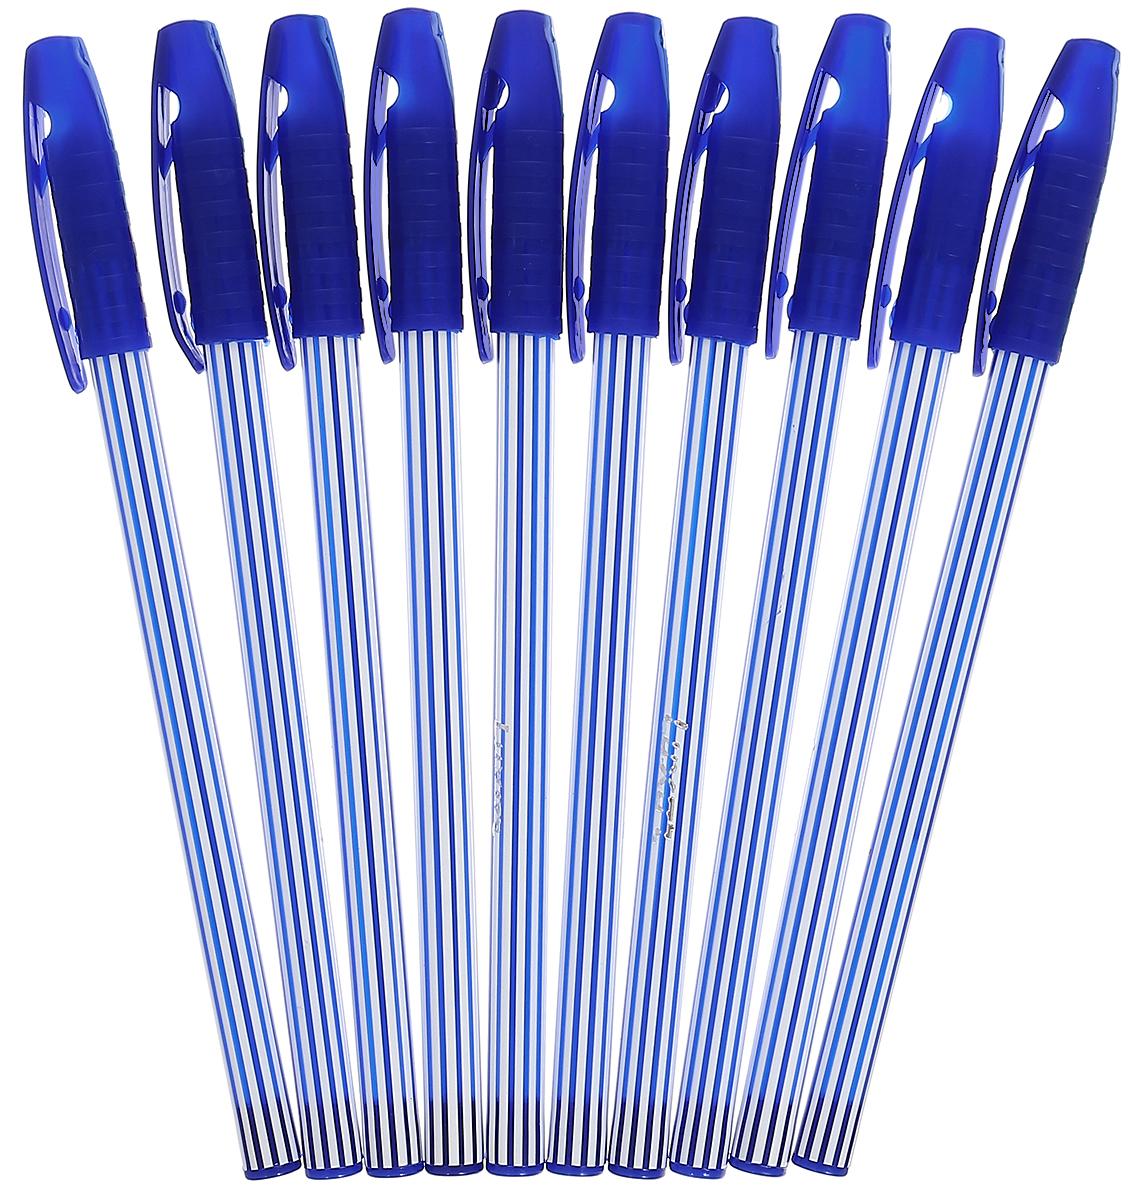 Luxor Набор шариковых ручек Stripes цвет чернил синий 10 шт31131/10СНабор шариковых ручек Luxor Stripes станет незаменимым атрибутом в учебе любого школьника и на работе. В наборе 10 шариковых ручек с колпачками, цвет чернил - синий.